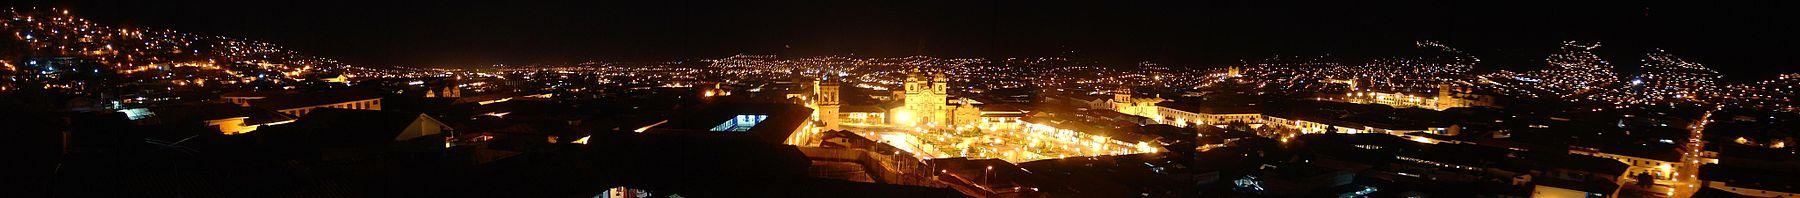 Una vista panorámica de noche de la ciudad del Cuzco, Perú.